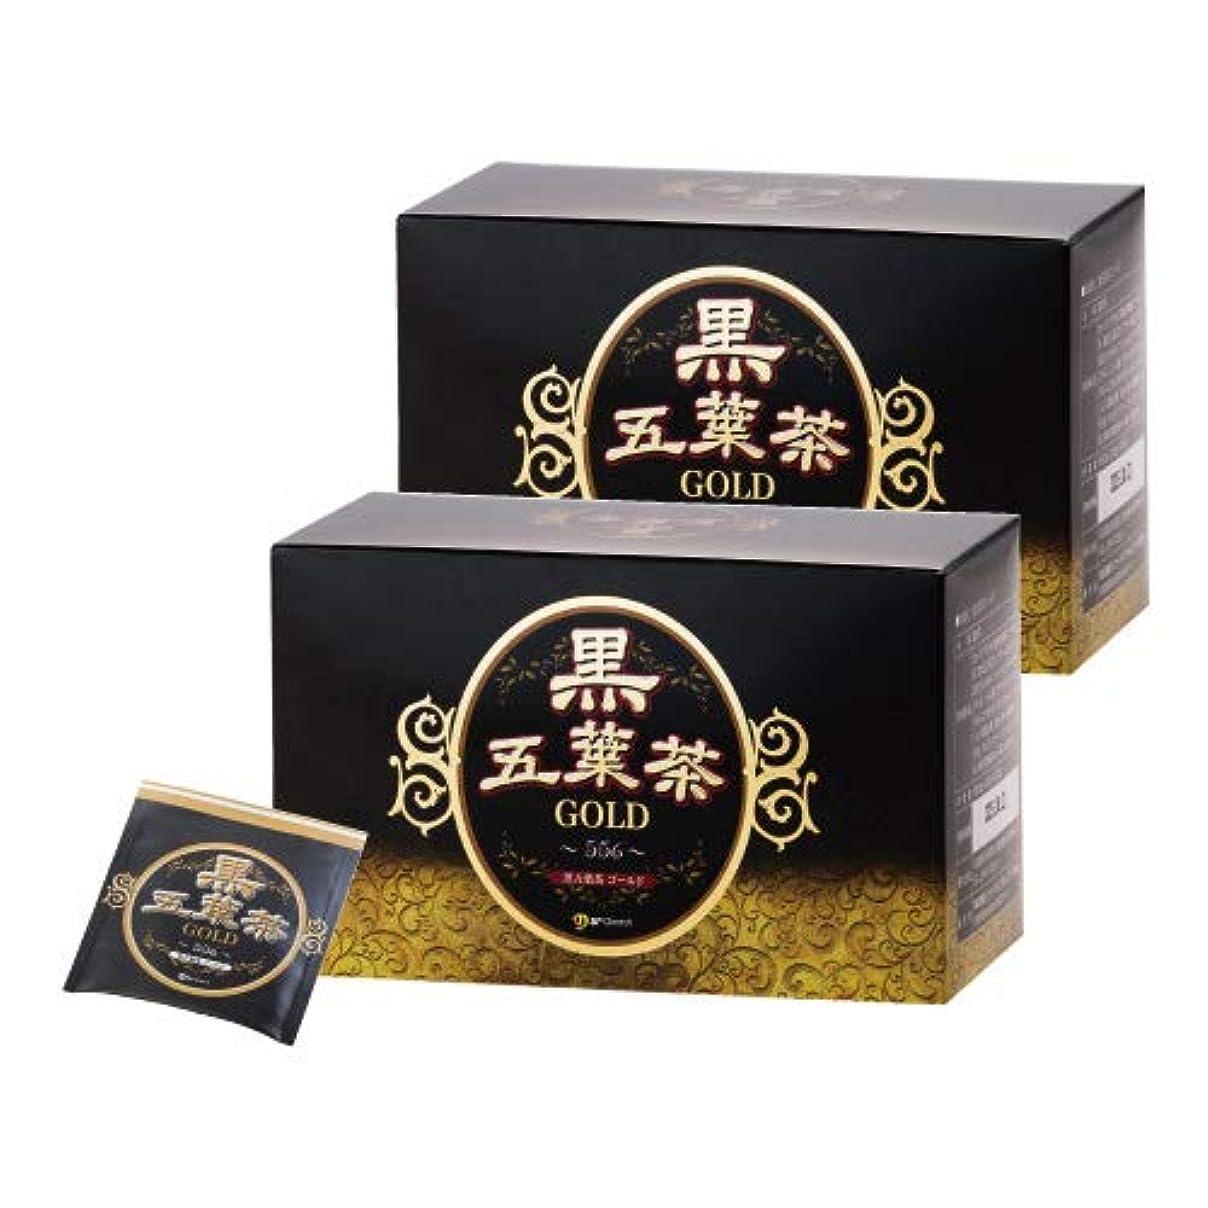 カメラ例示するコメント黒五葉茶ゴールド 30包 2箱セット ダイエット ダイエット茶 ダイエットティー ハーブティー 難消化性デキストリン